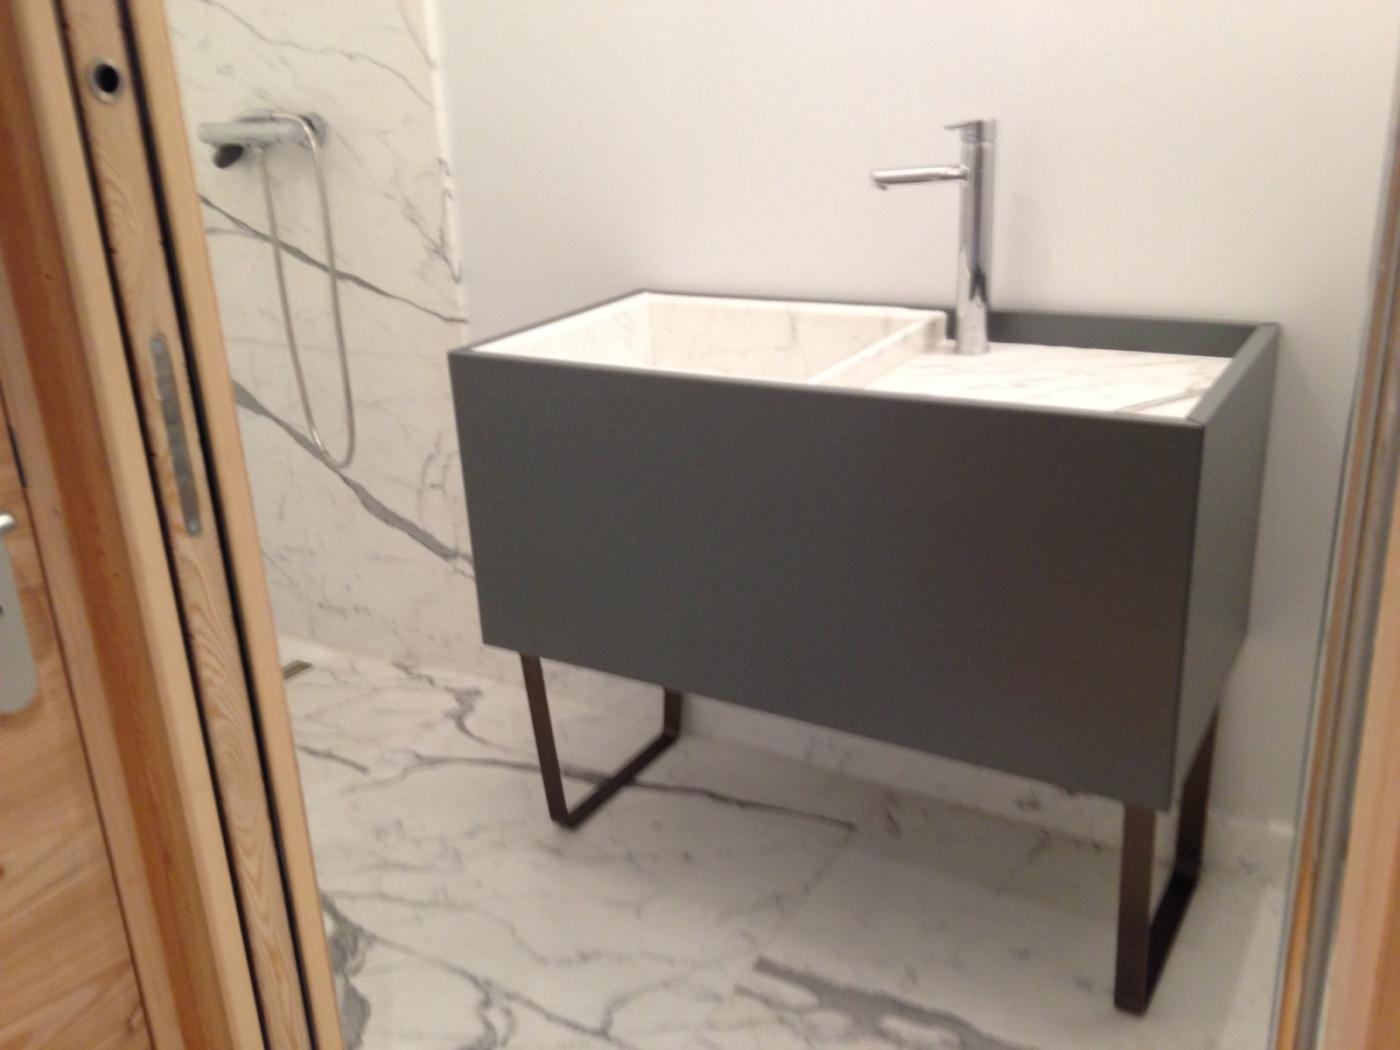 Salle de bains avec murs, bac à douche, et vasque Bianco Statuario Extra sur meuble Altamarea Must (design Willy Dalto). Chantier à Montgenevre (Hautes-Aples)